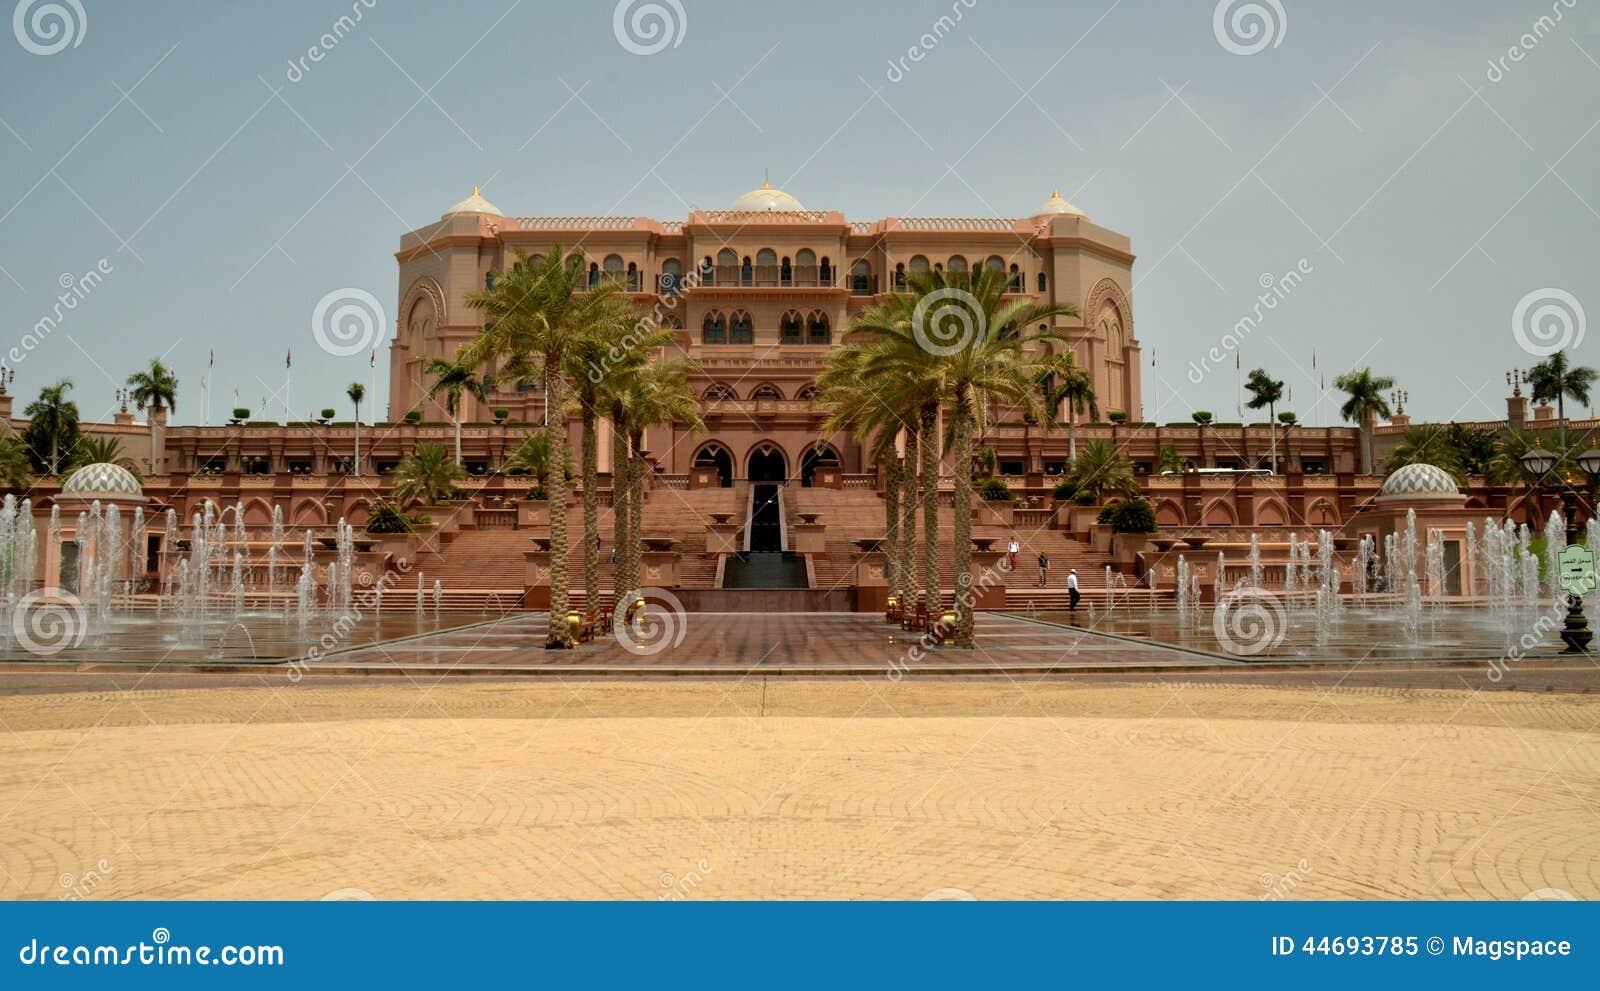 Emirat Palast Abu Dhabi Uae Redaktionelles Bild Bild Von Garten